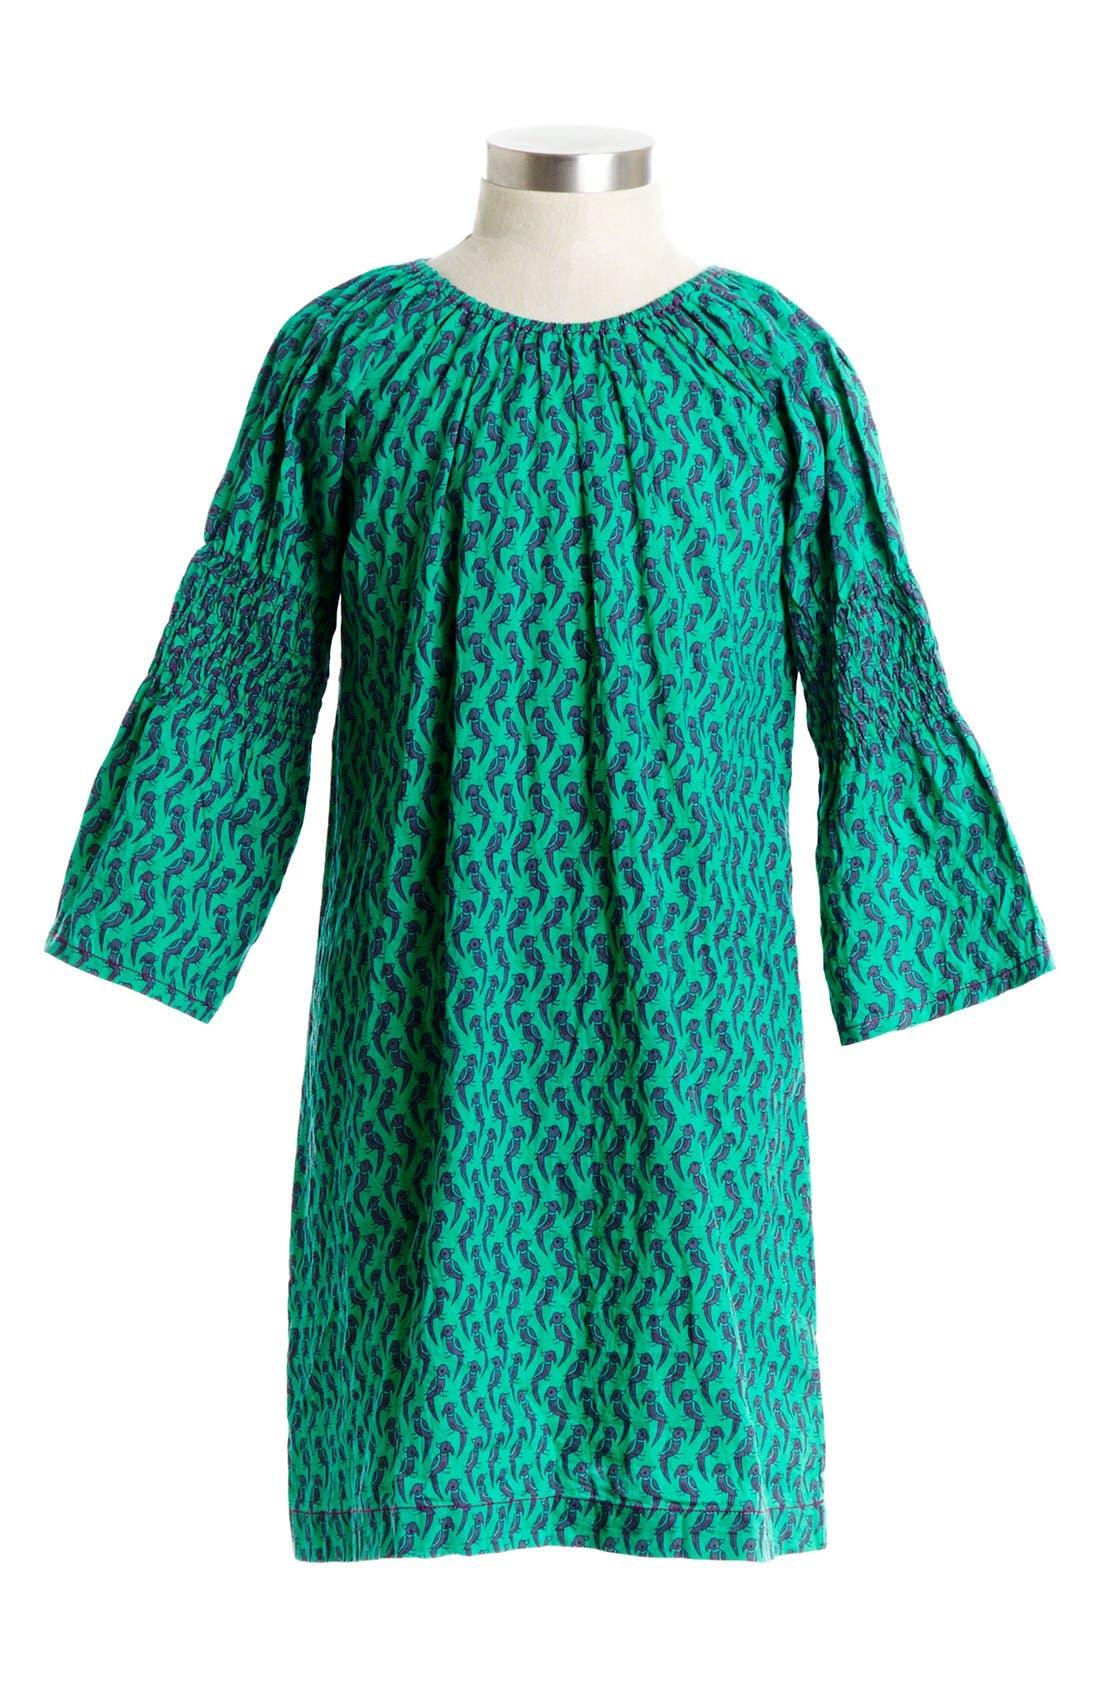 Alternate Image 1 Selected - Peek 'Simona' Smocked Sleeve Dress (Toddler Girls, Little Girls & Big Girls)